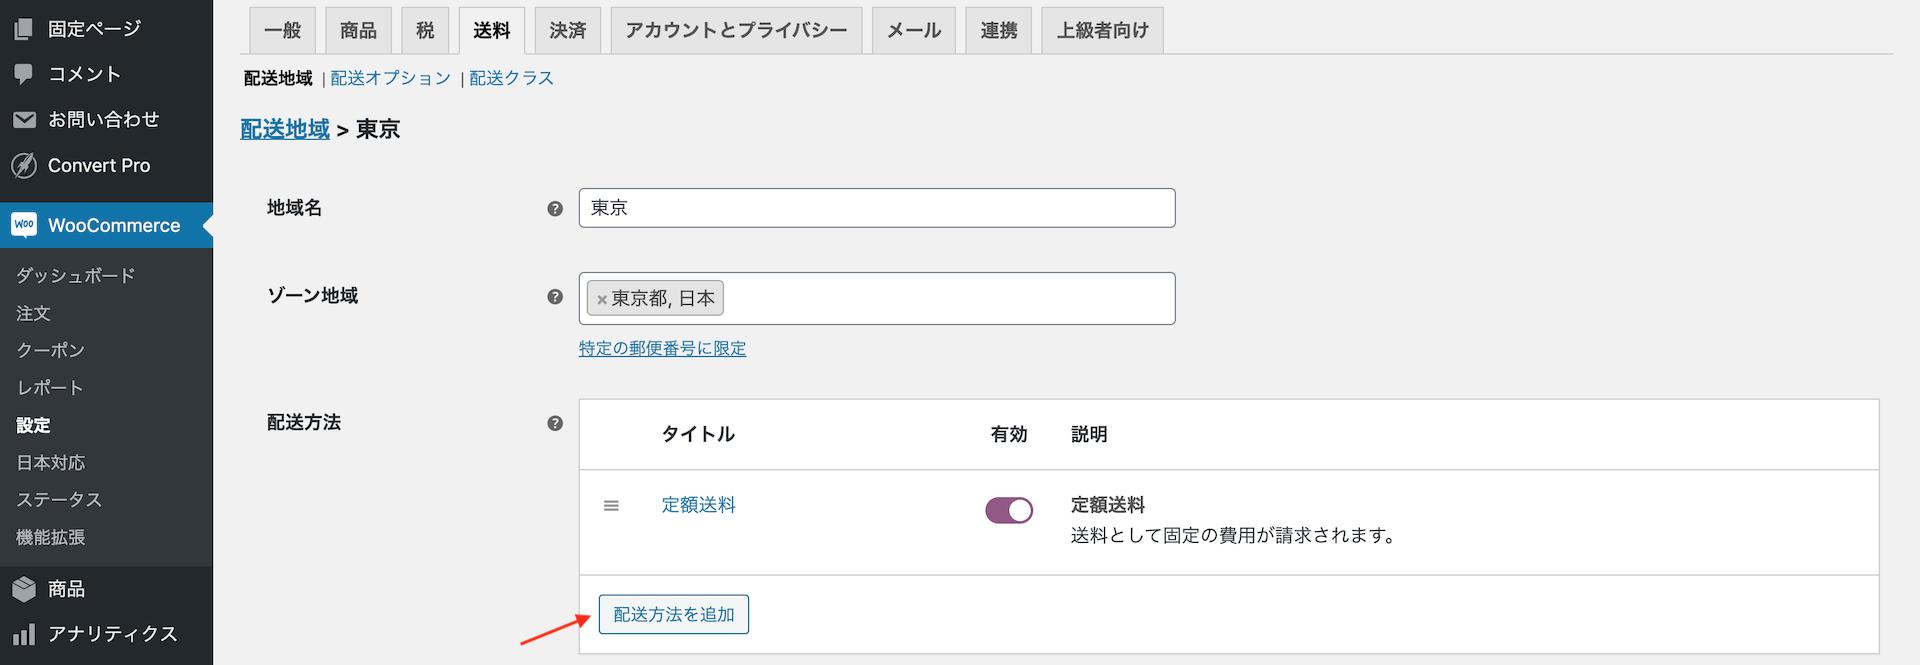 WooCommerce 配送方法の追加で送料無料を追加